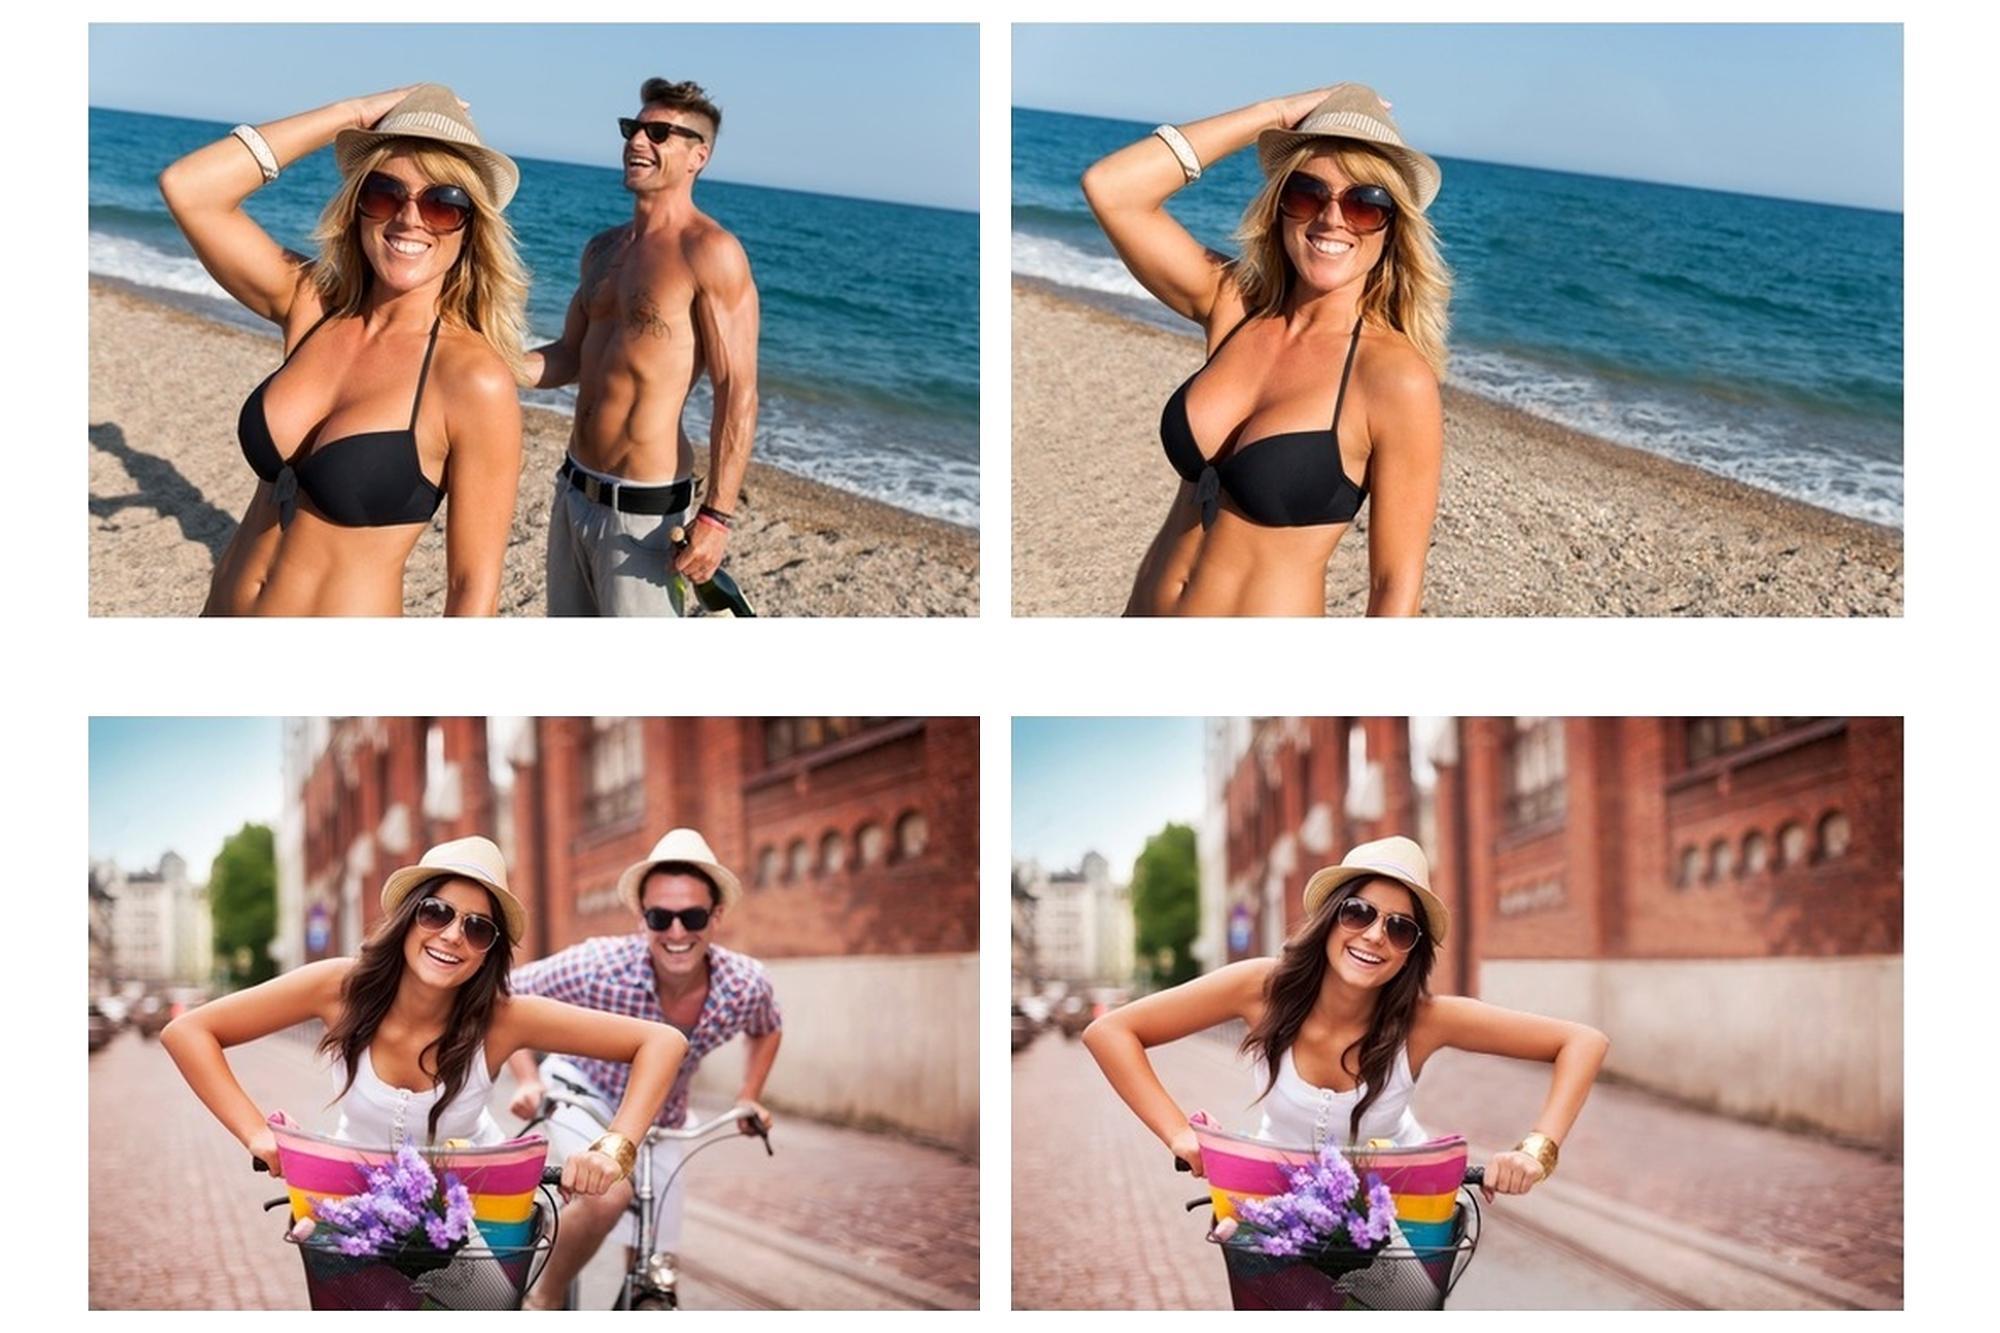 Un sitio te ayuda a borrar a tu ex de las fotos de pareja